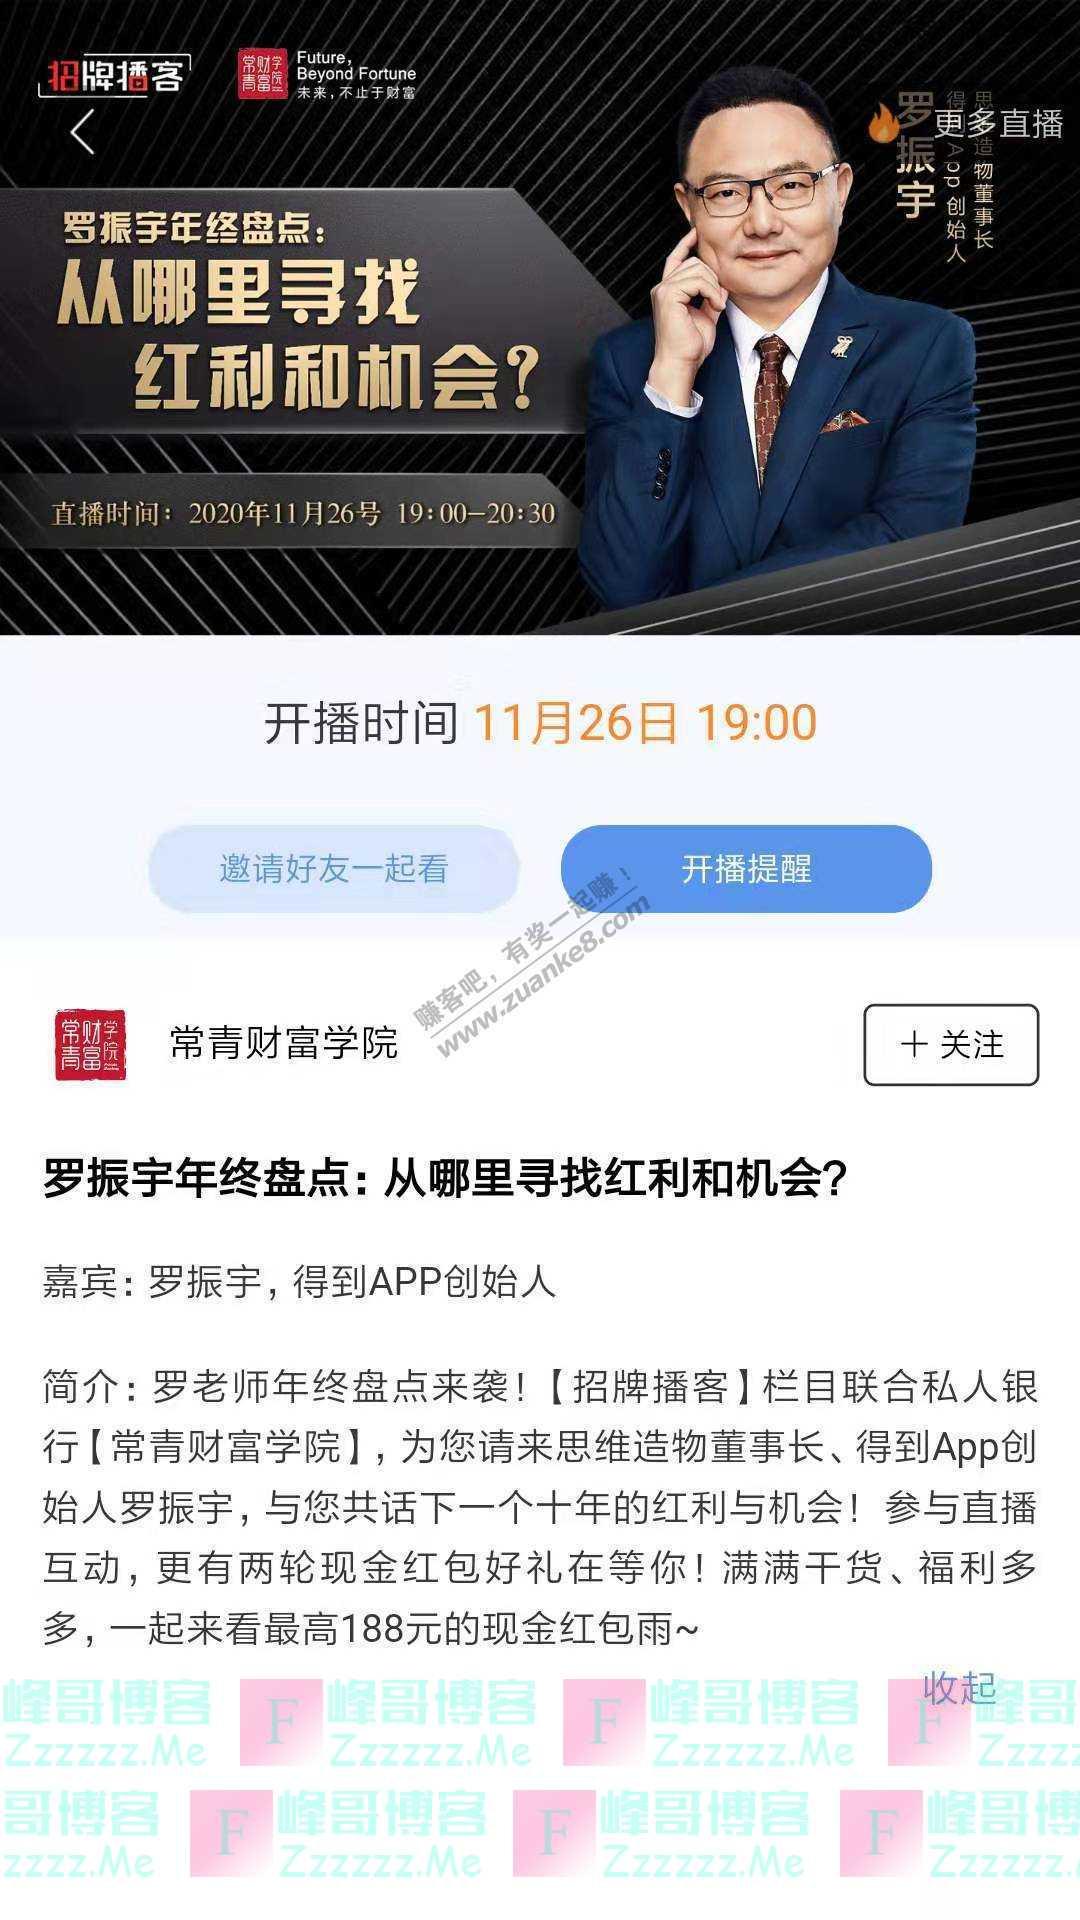 招商银行APP招牌播客X常青财富学院重磅福利来袭(截止11月26日)